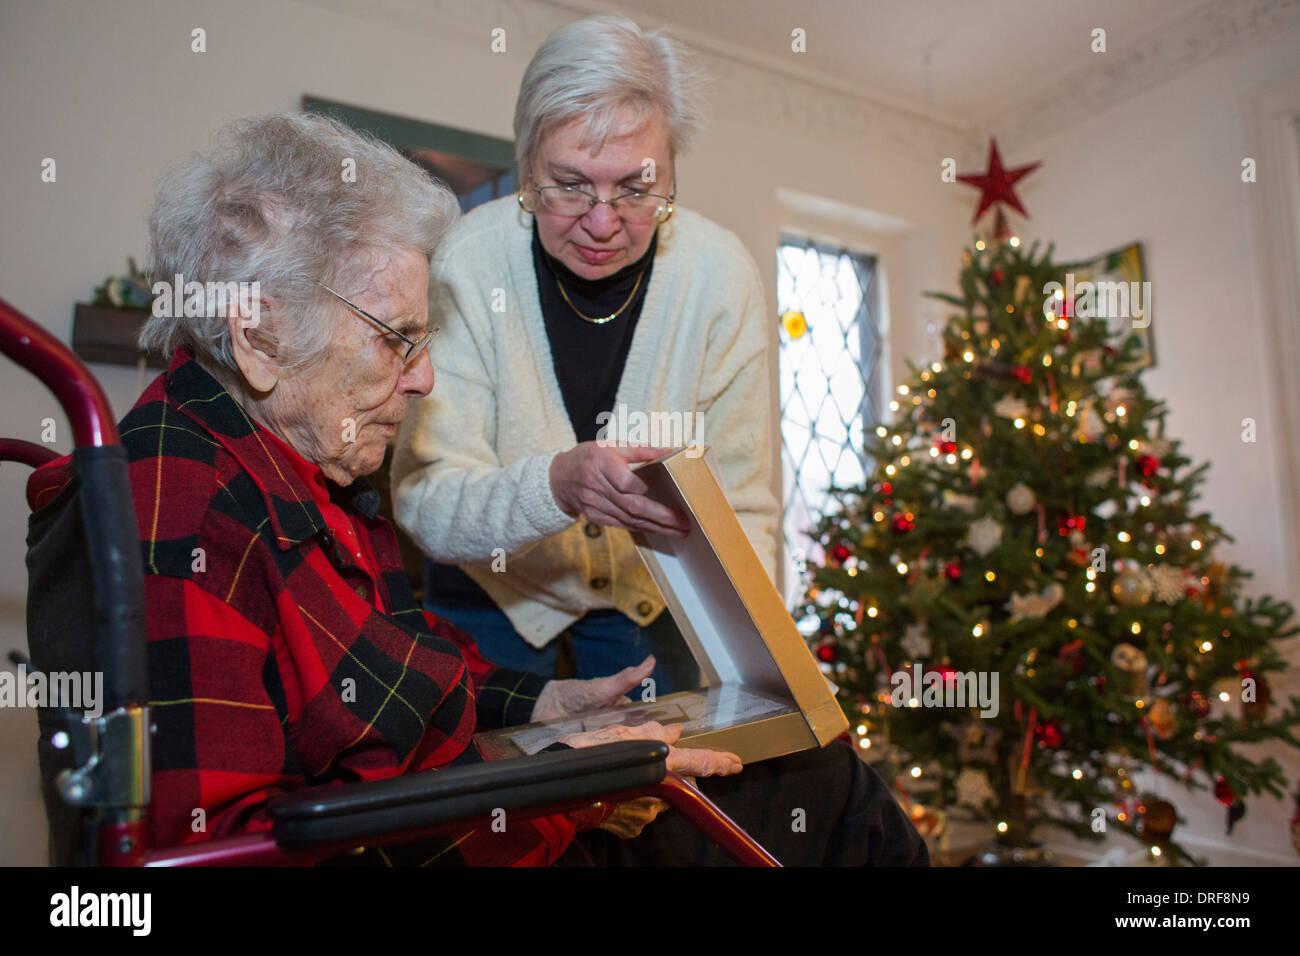 Detroit, Michigan - Dorothy Newell, 99, abre un regalo de Navidad con la ayuda de su hija, Susan Newell, 65. Imagen De Stock